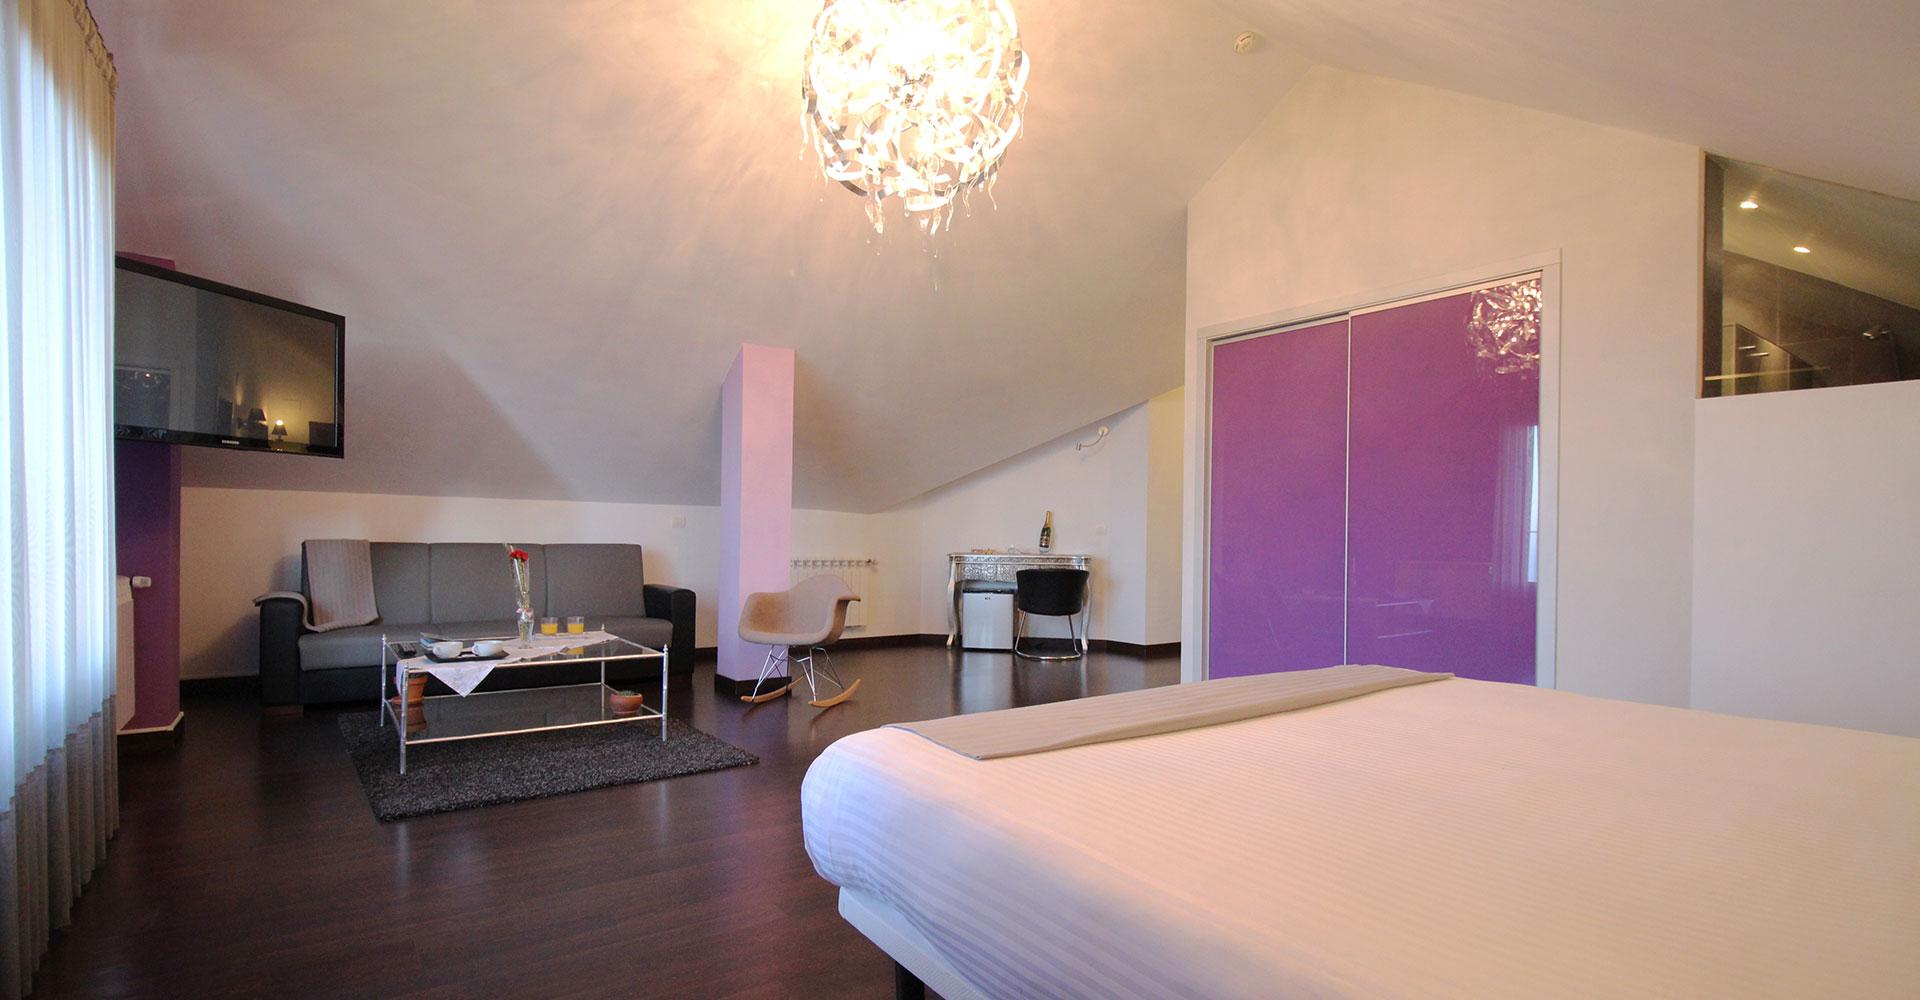 Bienvenidos al Hotel Calas de  Liencres